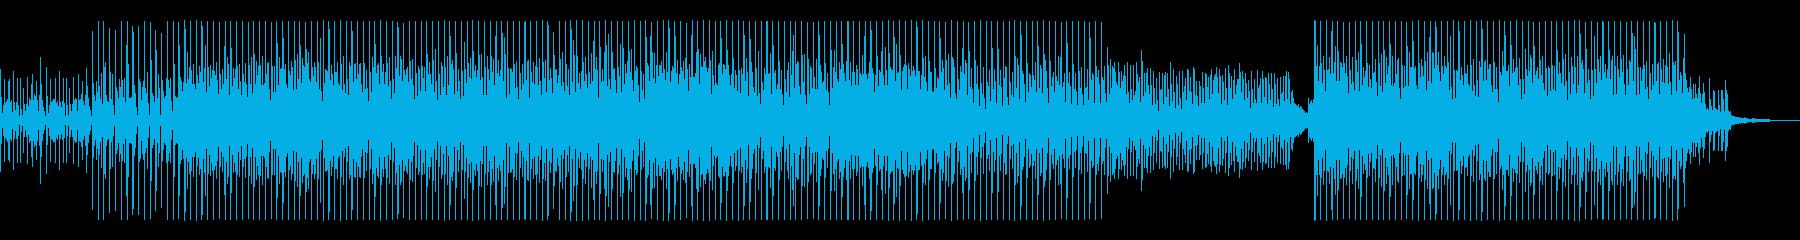 スピード感のあるトロピカルマリンバ元気曲の再生済みの波形